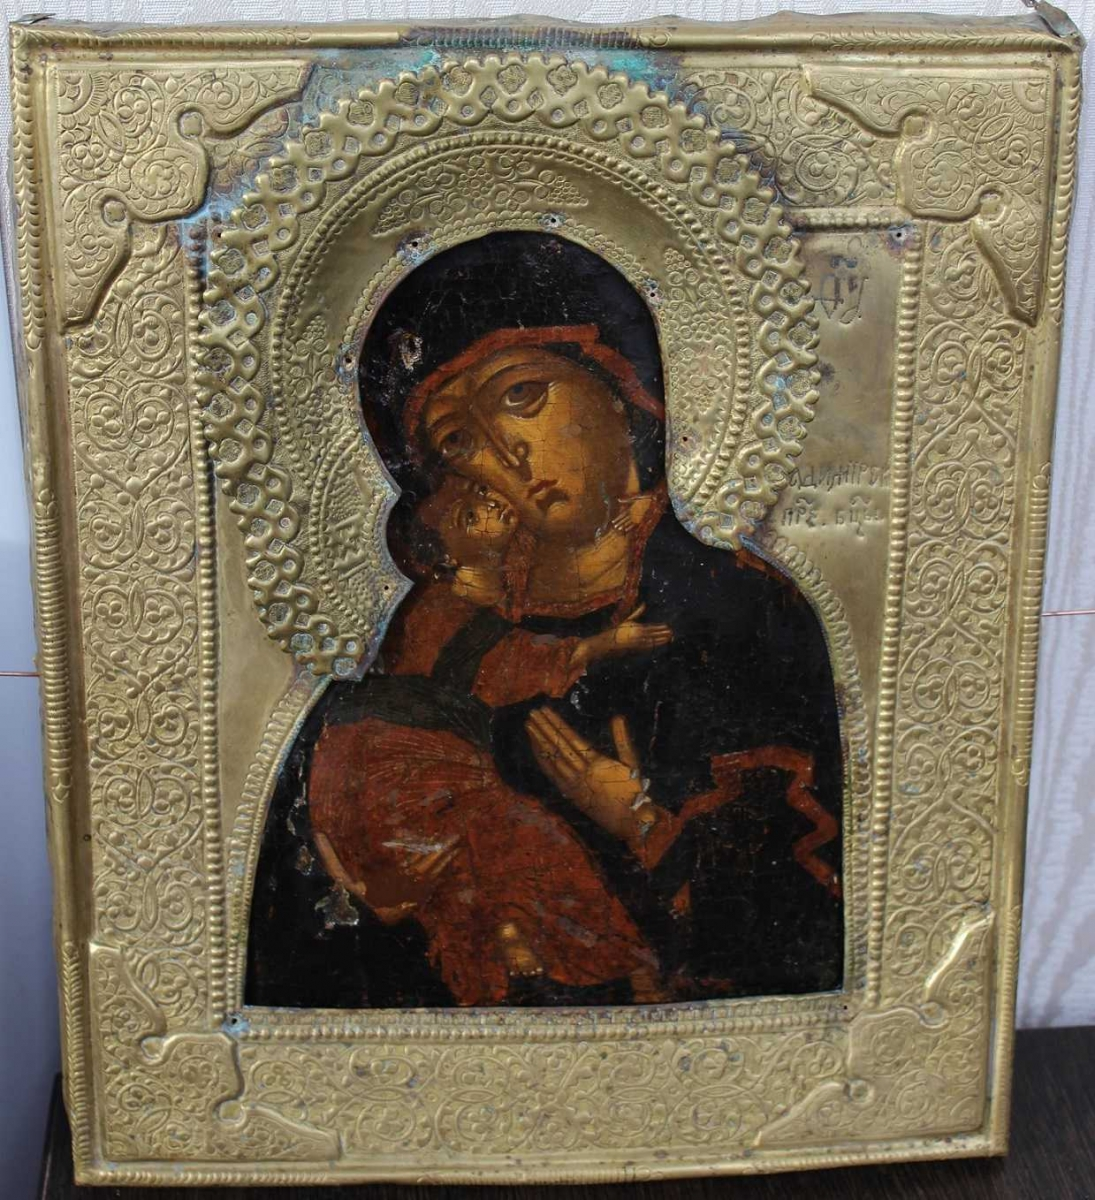 Икона Владимирской Божией Матери. 17 век. Икона и оклад после реставрации.